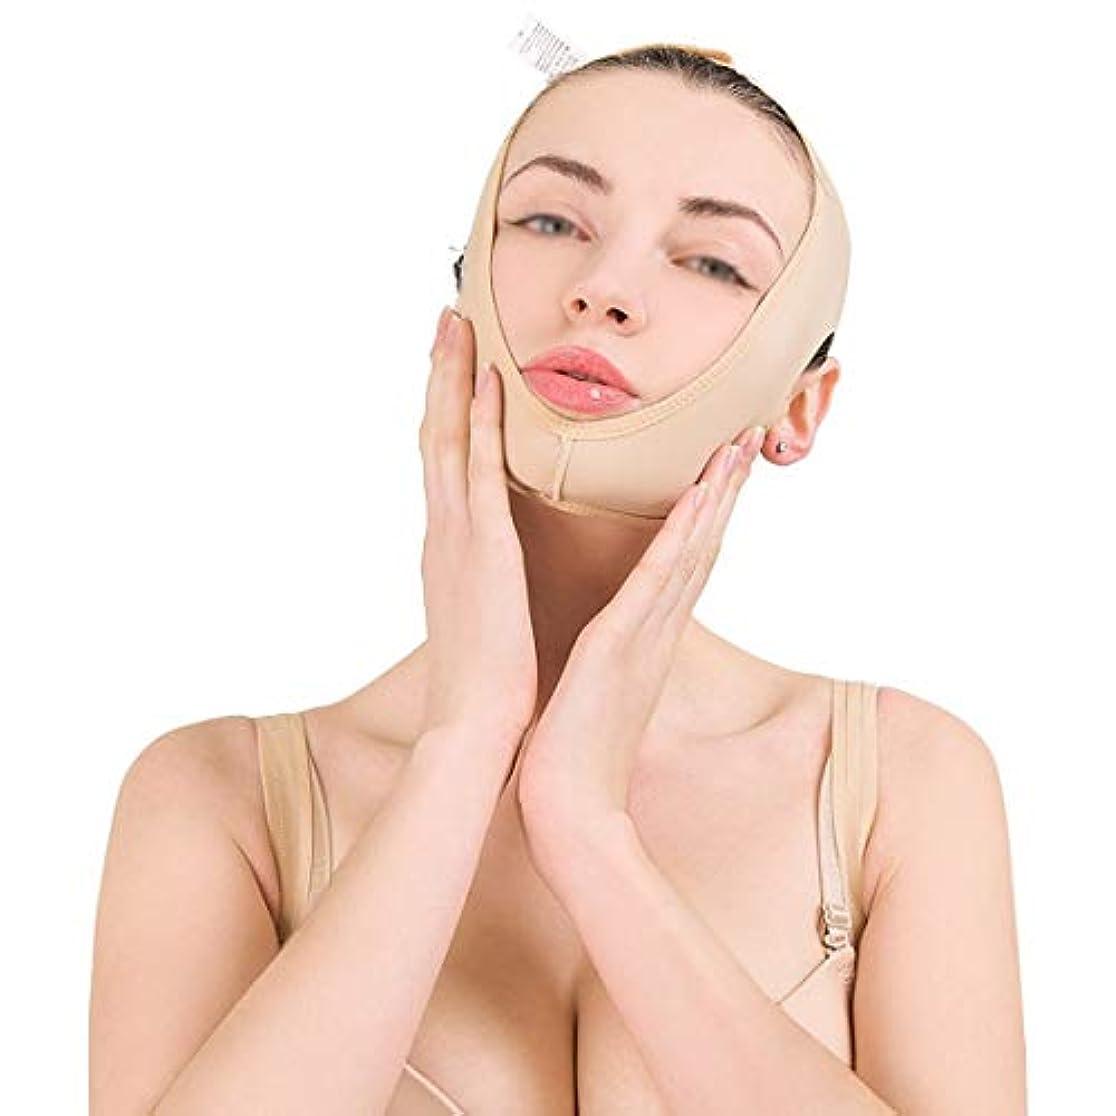 財産批判する説明的ZWBD フェイスマスク, フェイスリフティング包帯フェイシャルリフティング痩身Vリダクションフェイスダブルチンケア減量美容ベルト (Size : XL)